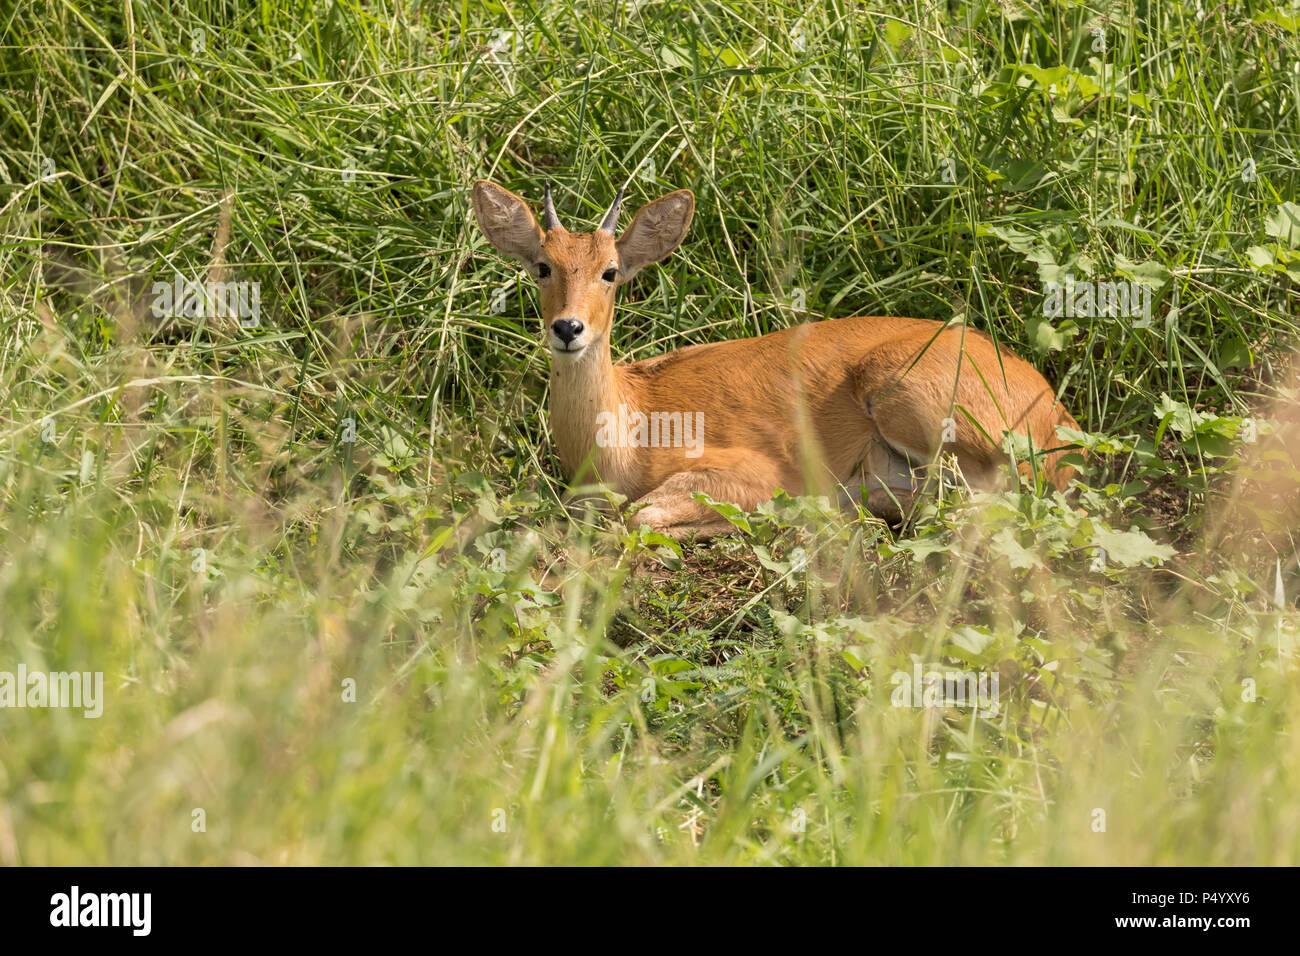 Reedbuck común (Redunca arundinum) descansando en la hierba alta en el Parque Nacional Tarangire, Tanzania Imagen De Stock